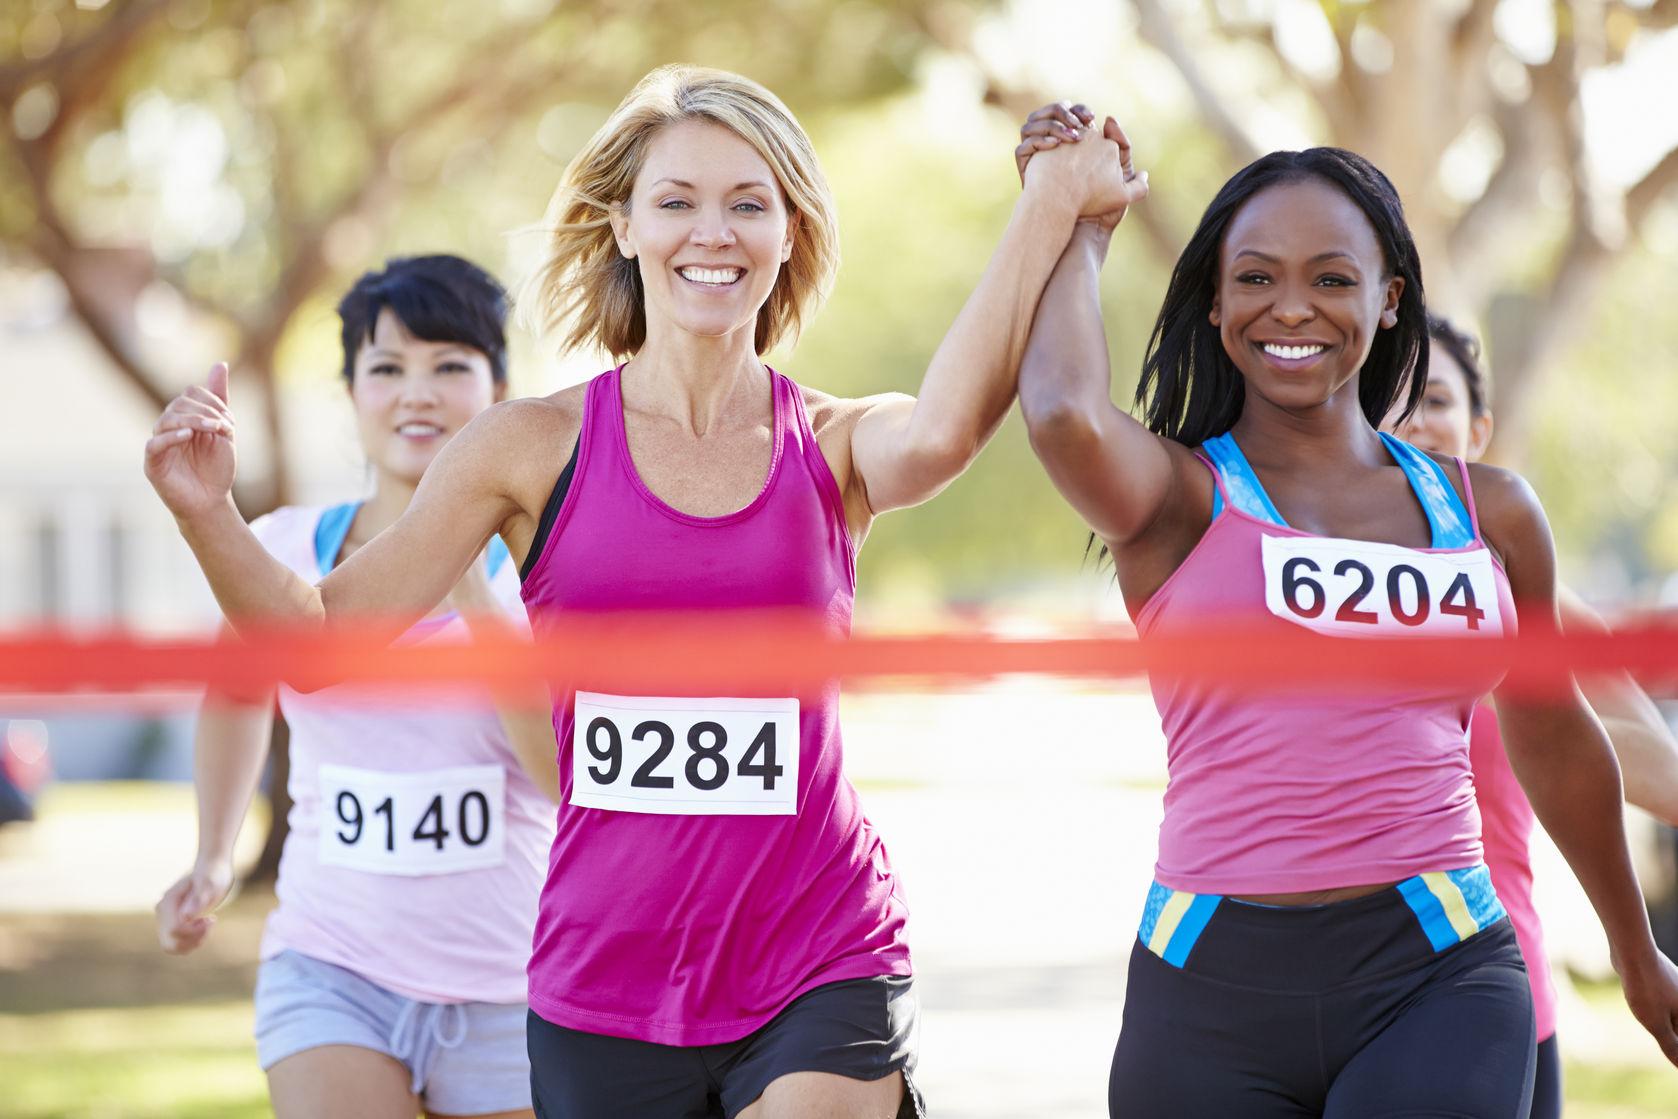 Young women racing towards finish line